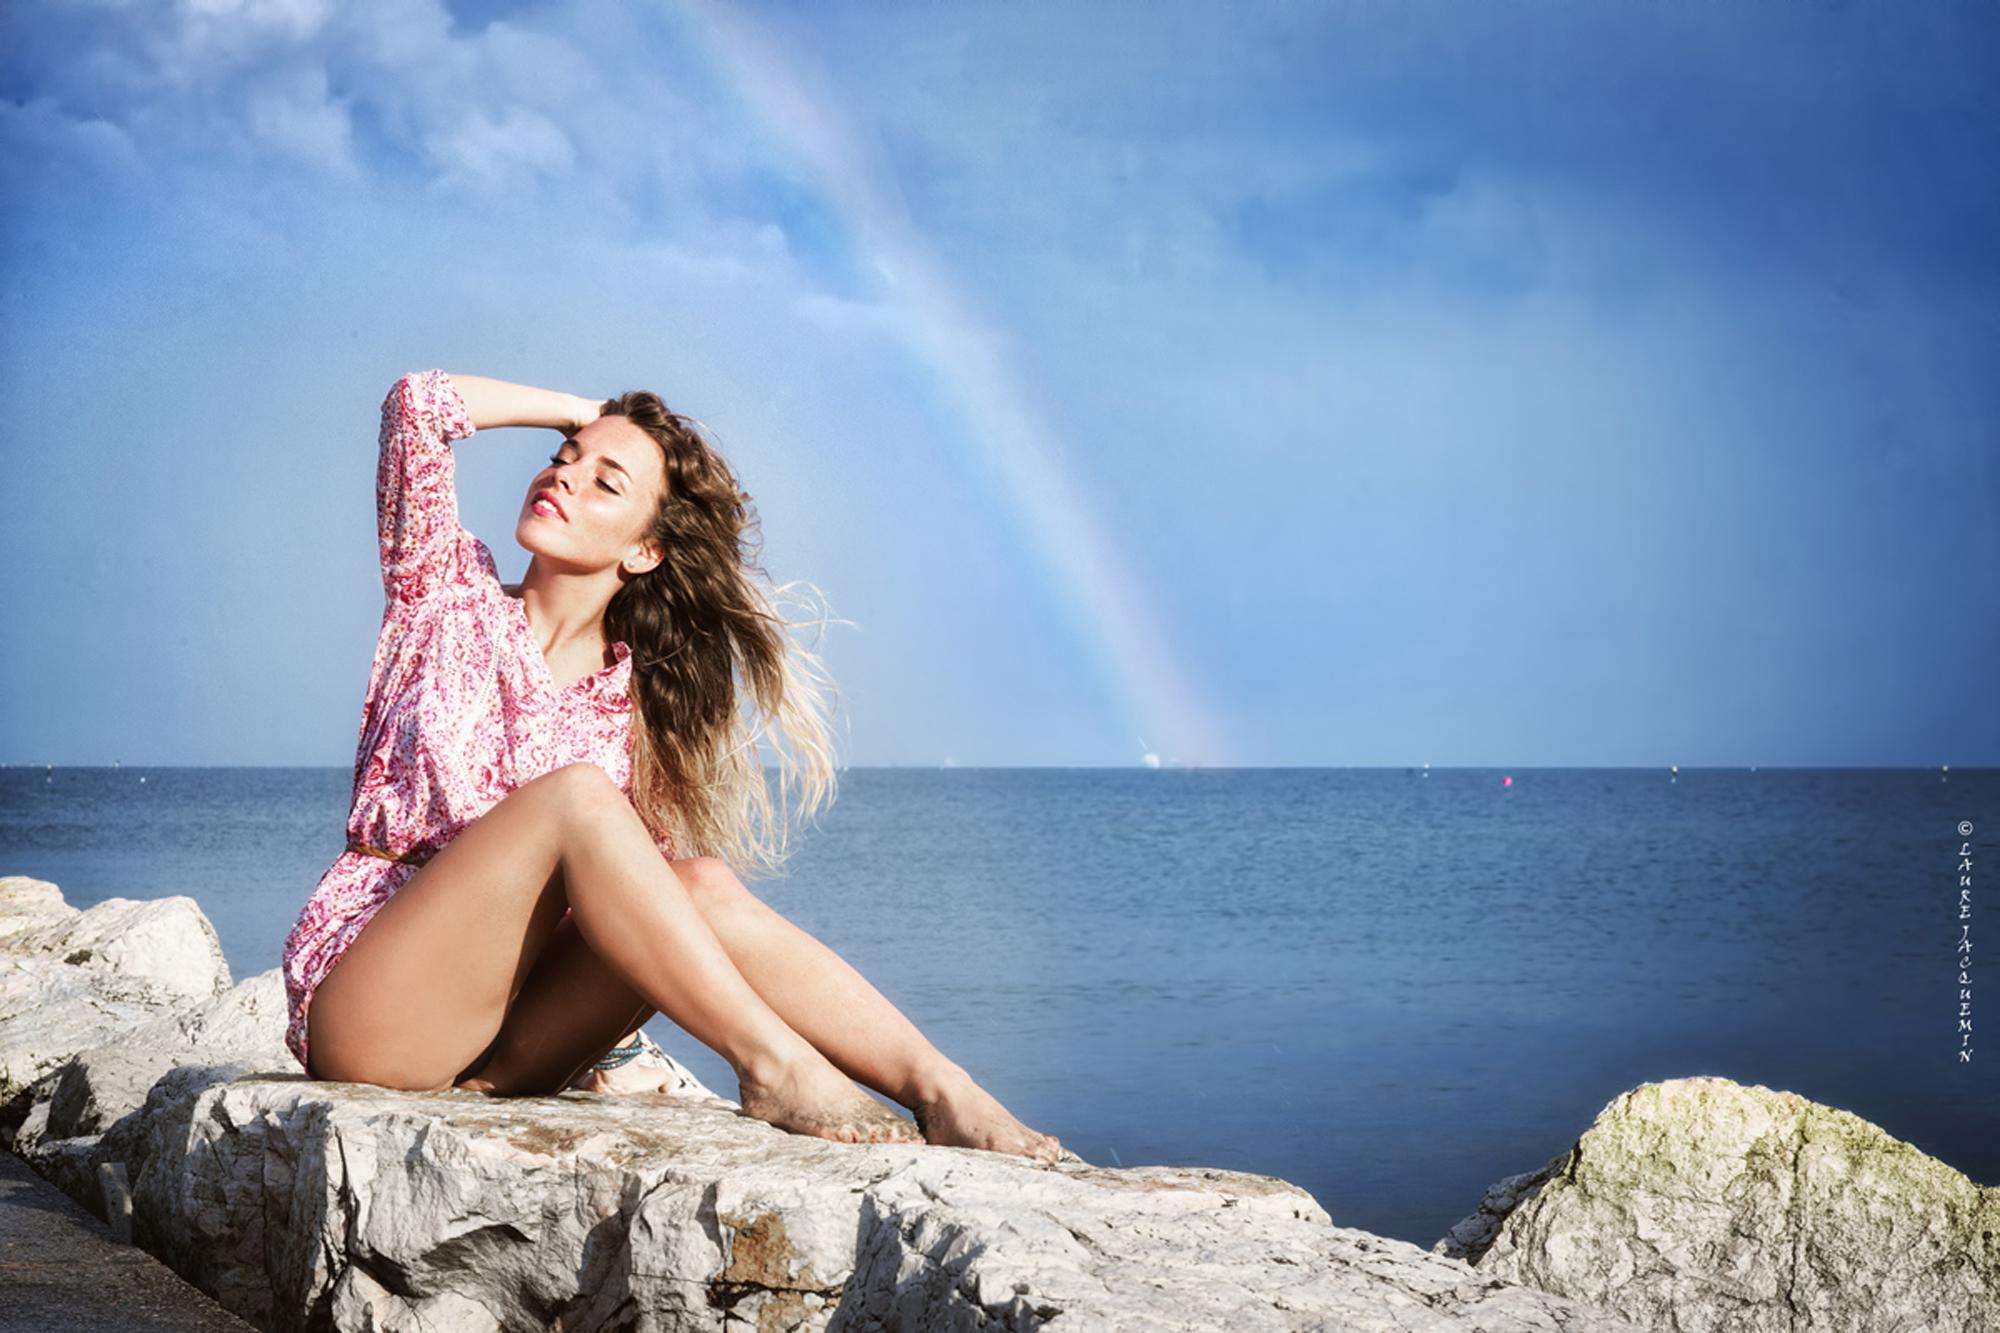 laure jacquemin PORTRAIT venice photography model artists (1).jpg